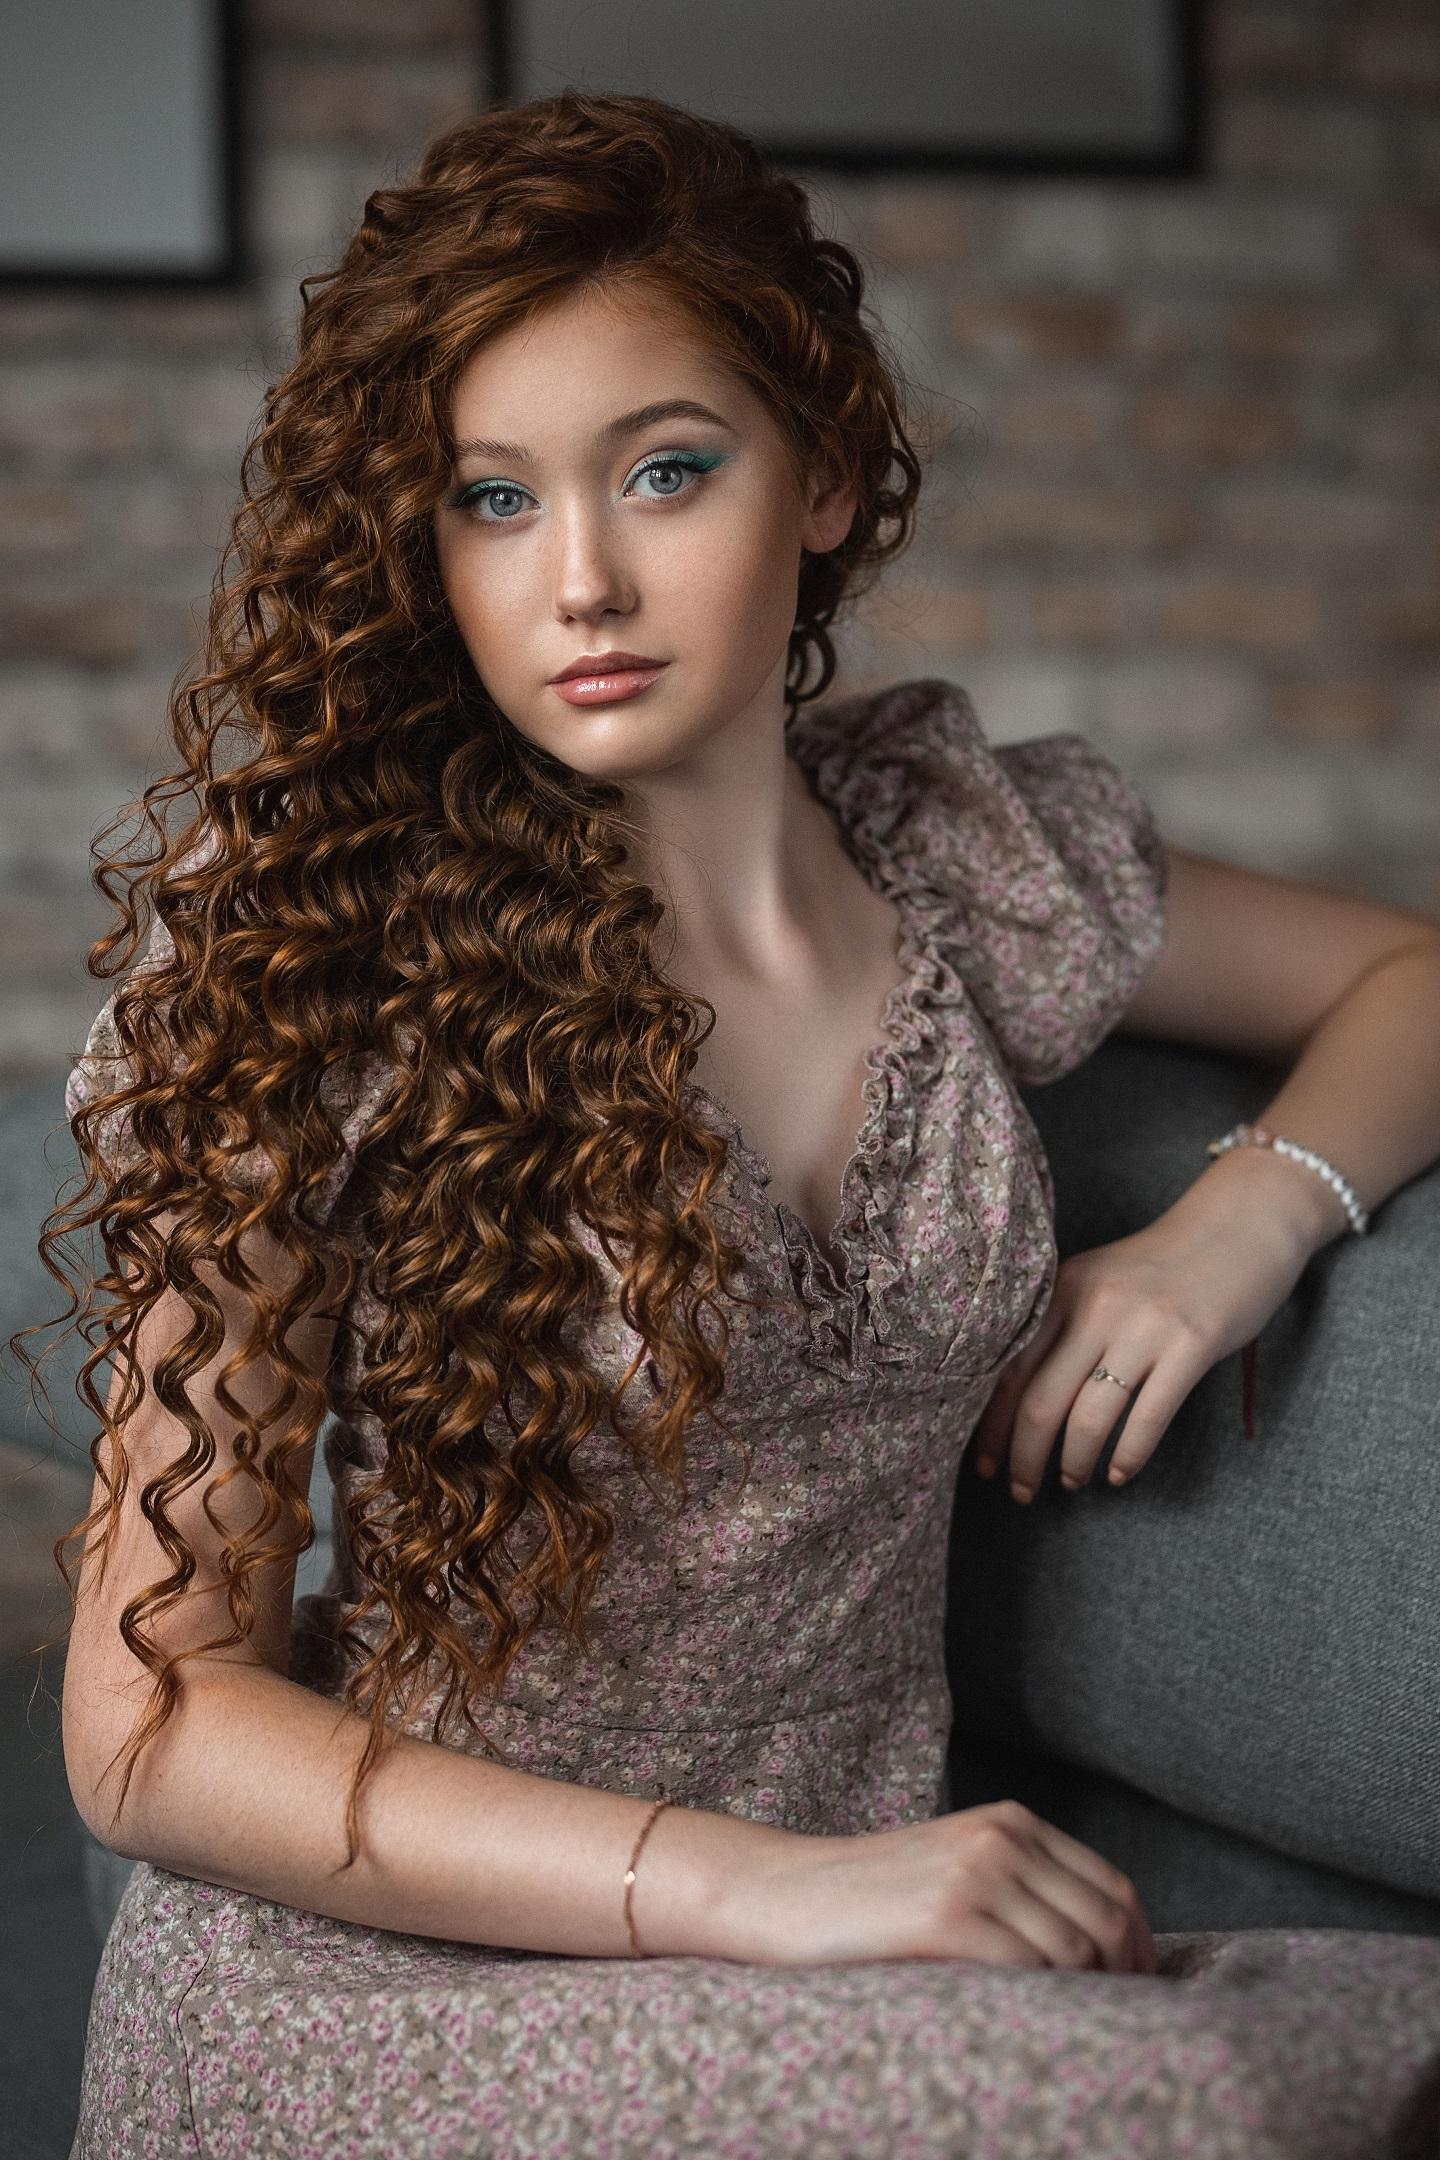 Vladimir Vasilev Women Brunette Long Hair Curly Hair Makeup Eyeshadow Dress Brown Clothing Couch Ind 1440x2160